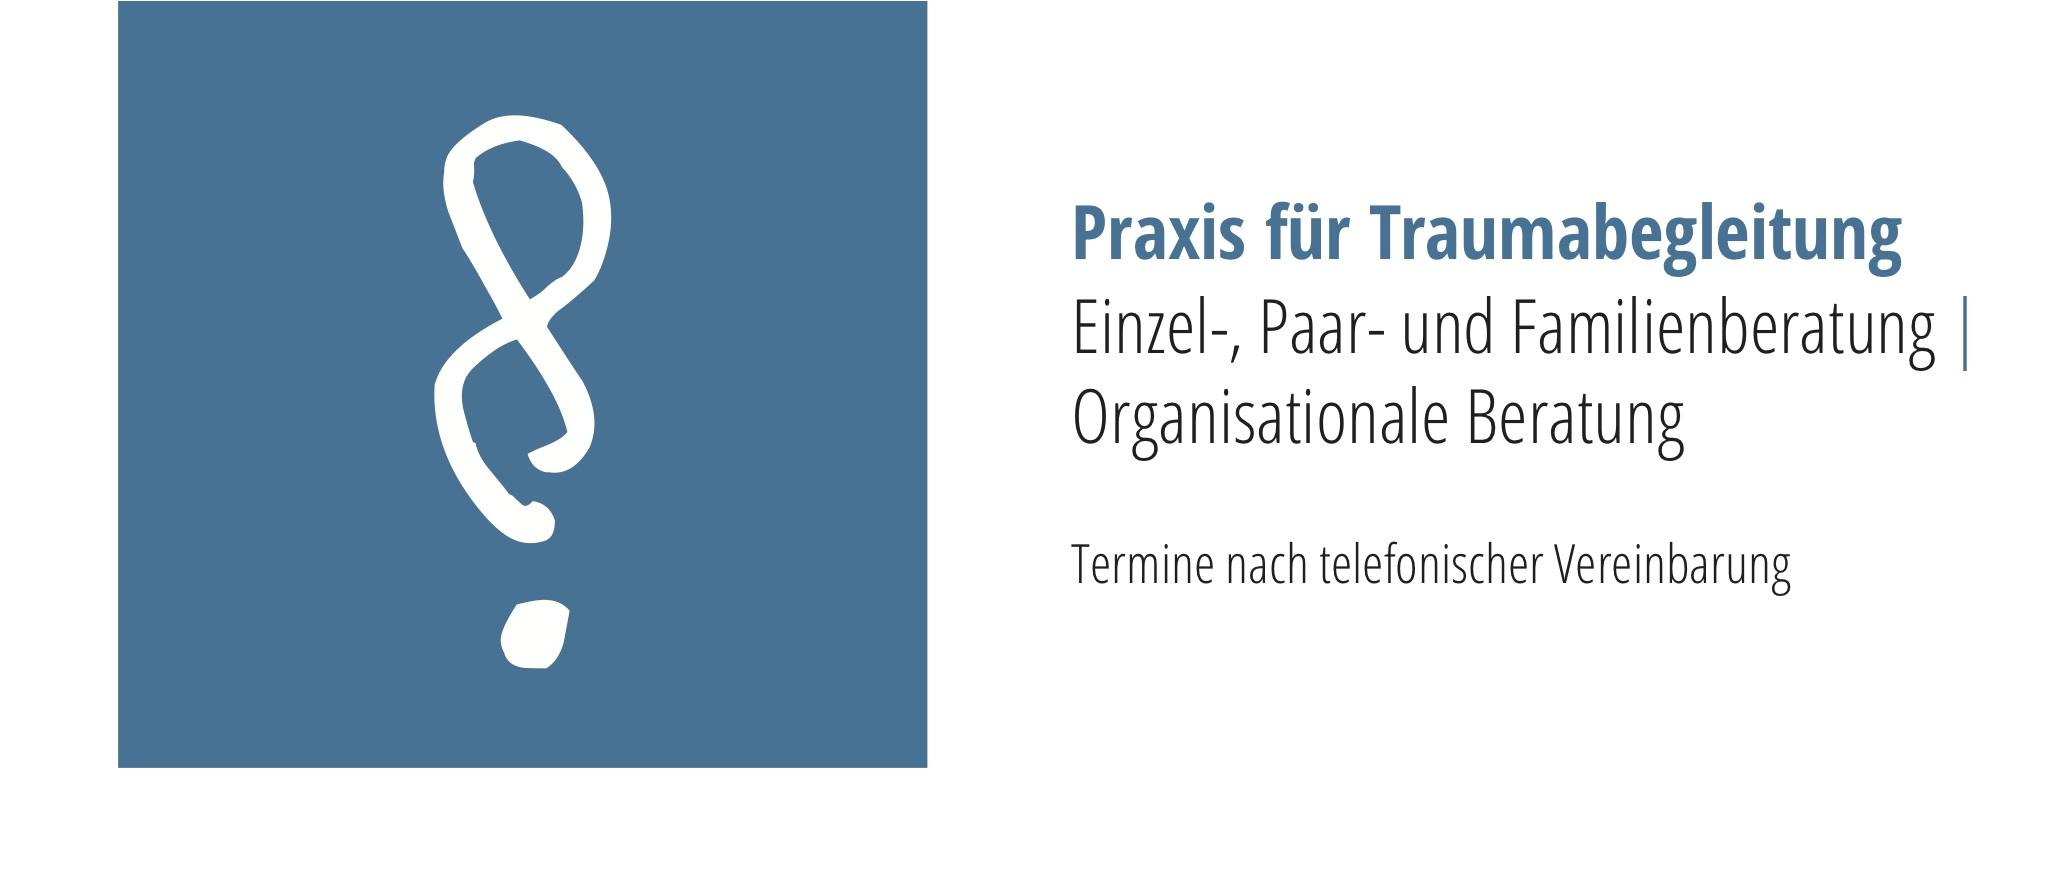 Praxis für traumabegleitung • Karin dölla-höhfeld und günther höhfeld